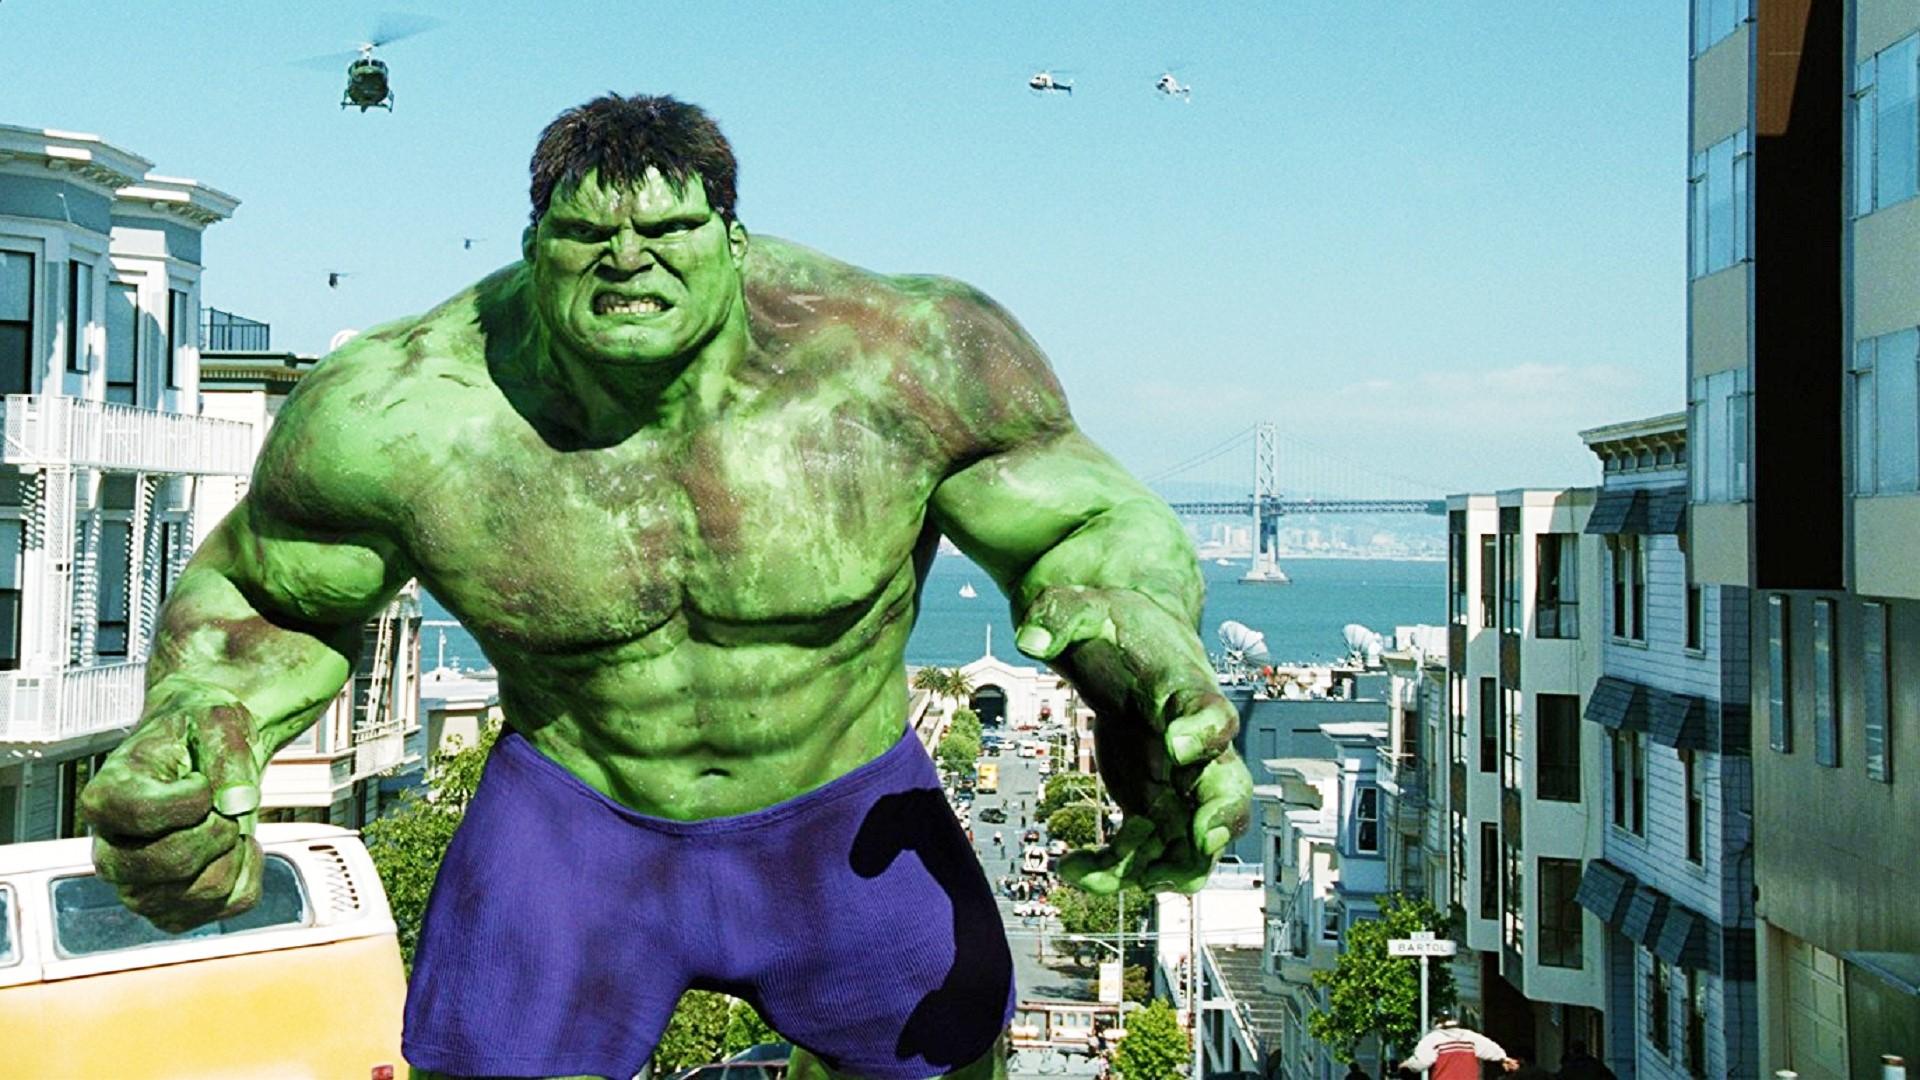 Hulk 2003 HD Wallpaper Background Image 1920x1080 ID 1920x1080